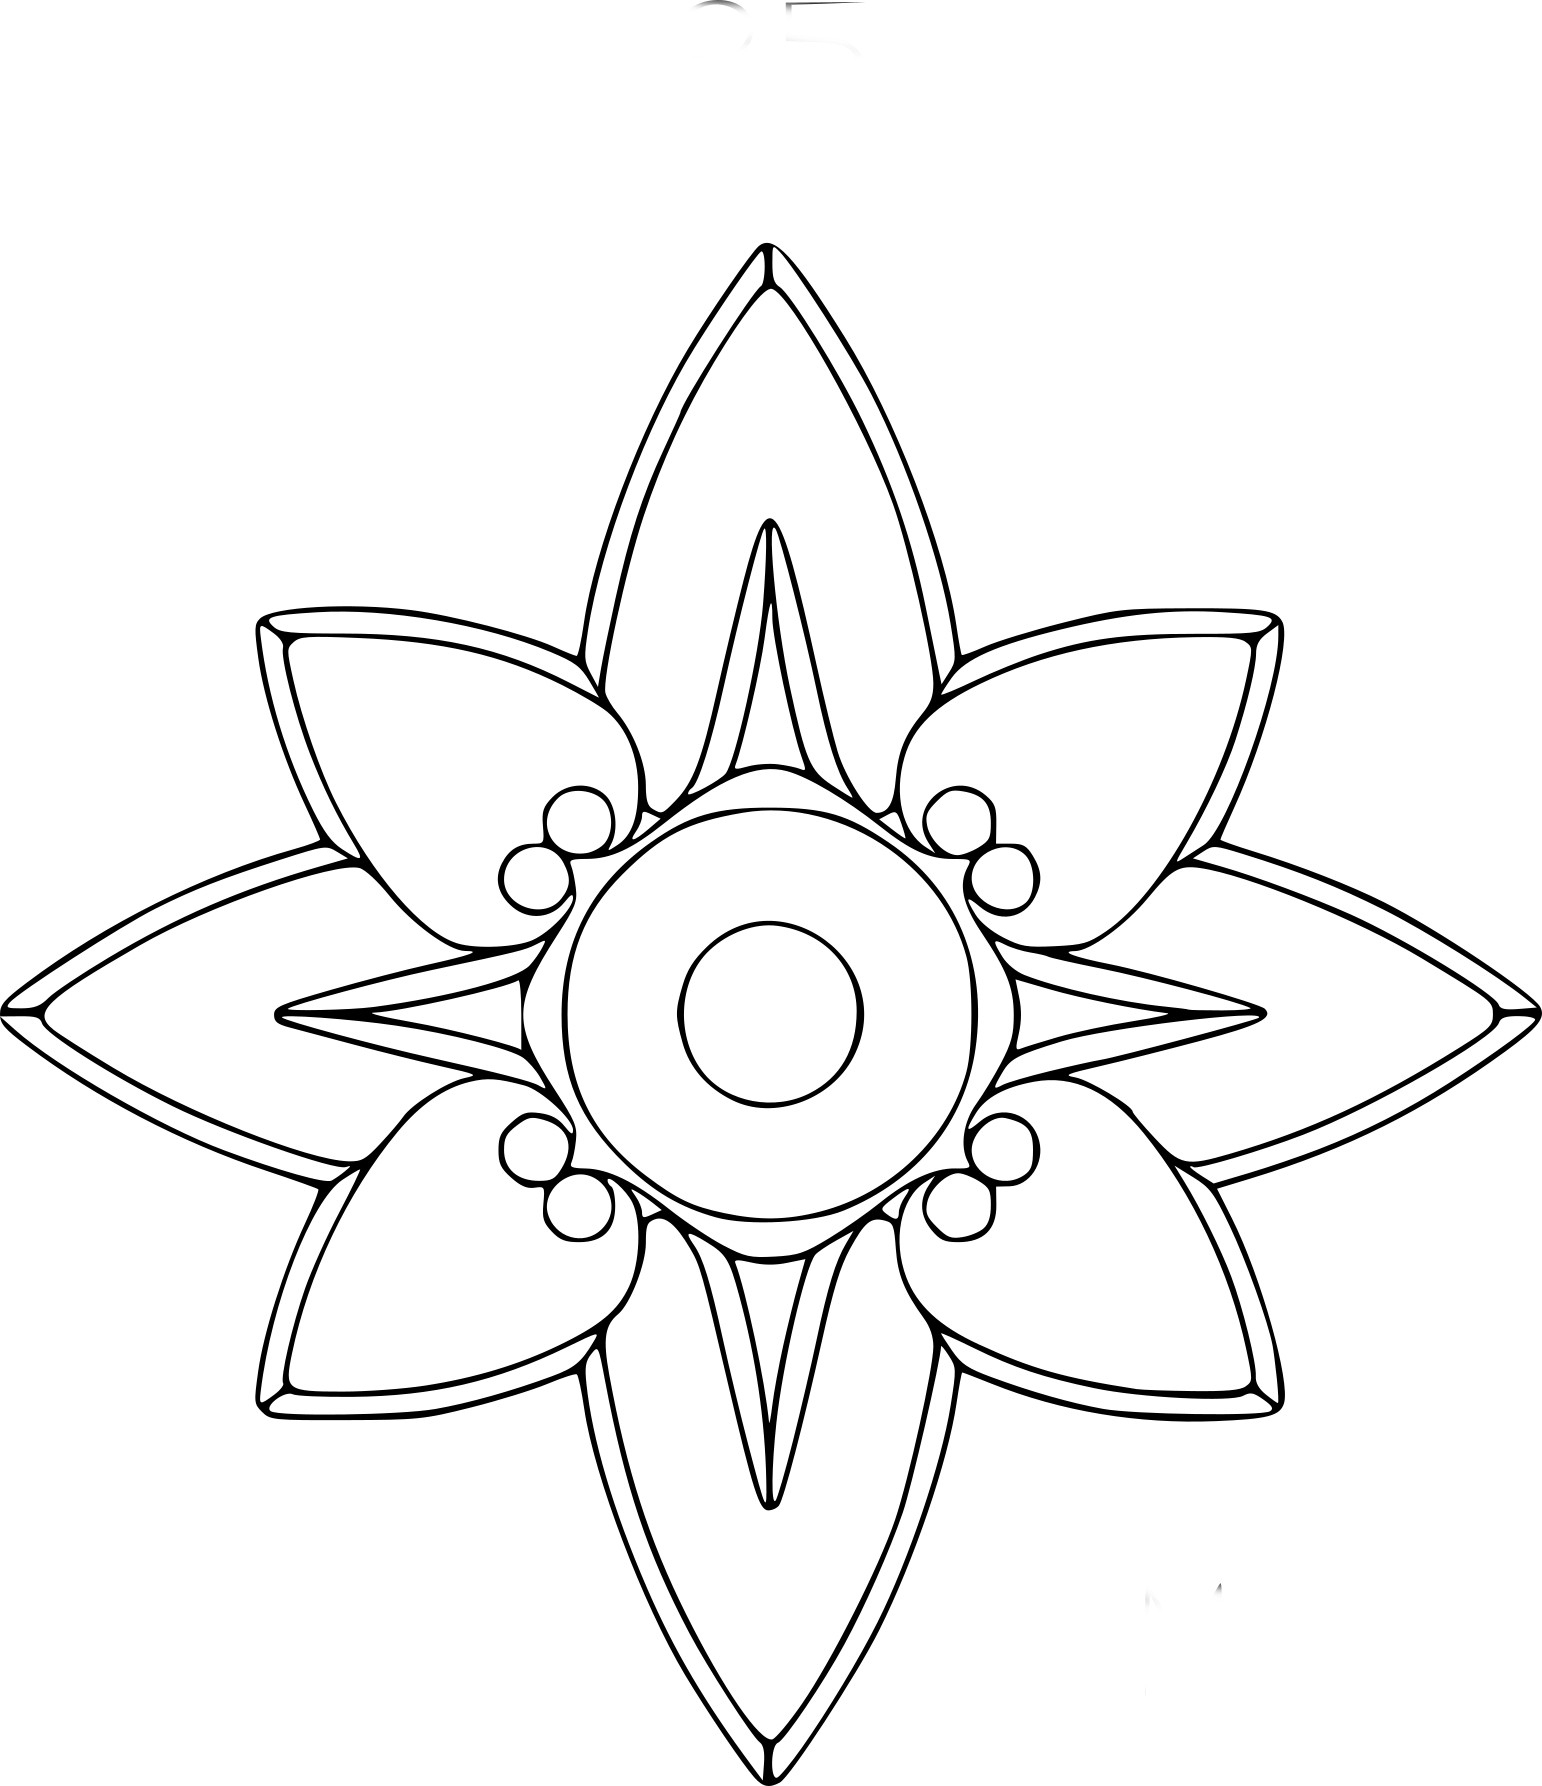 Coloriage Rosace Etoile À Imprimer Sur Coloriages intérieur Dessiner Une Rosace